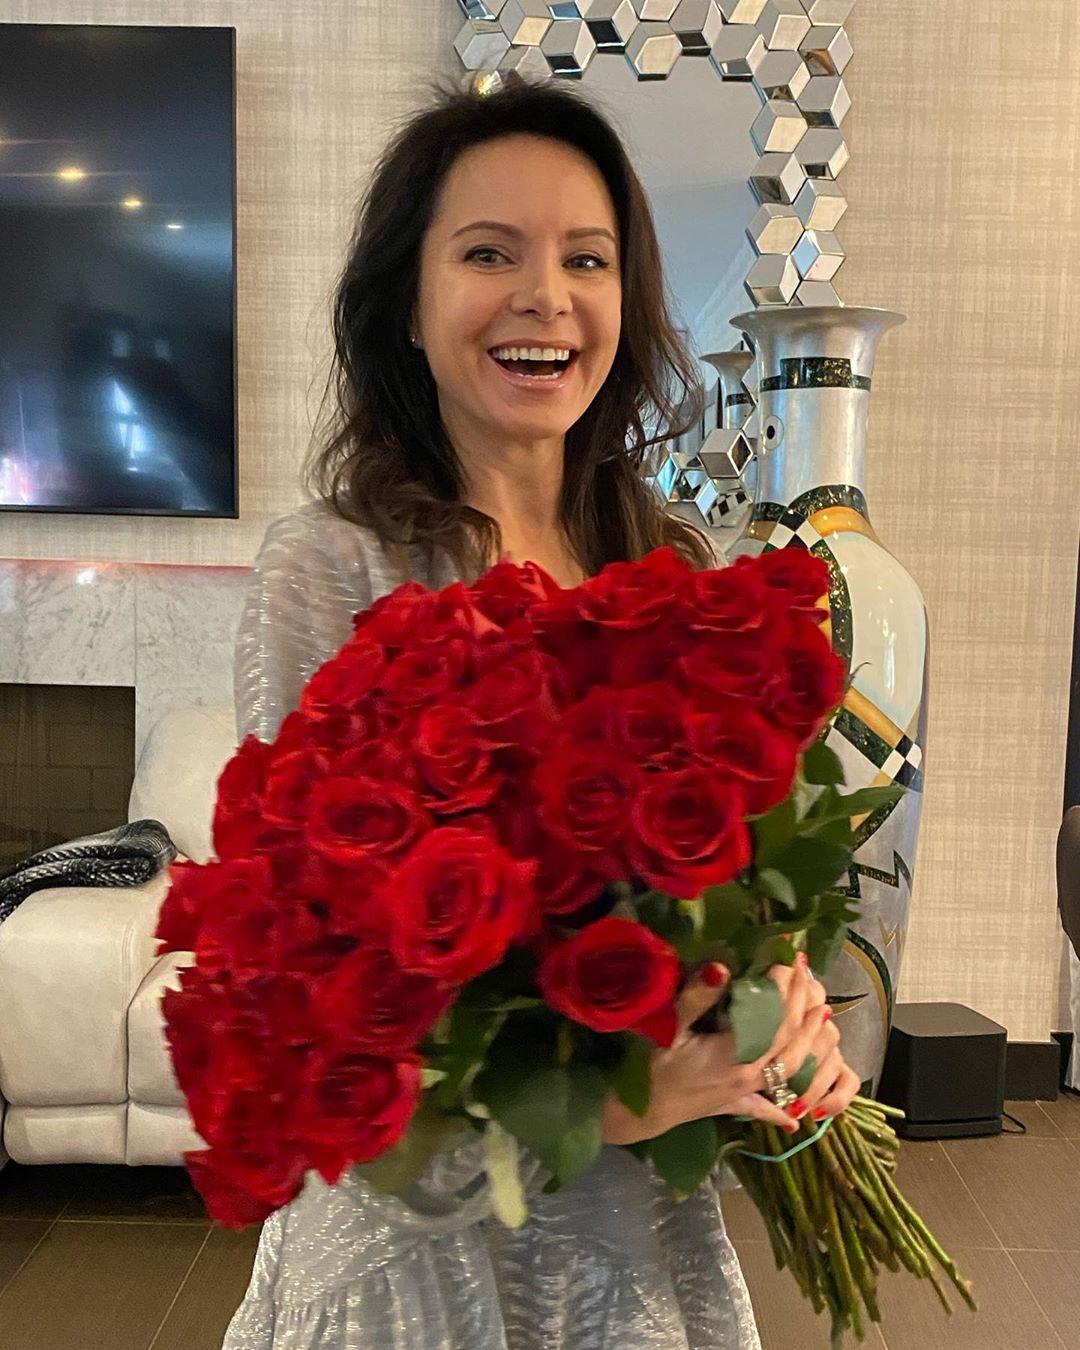 Лилия Подкопаева впервые показала фото годовалой дочери